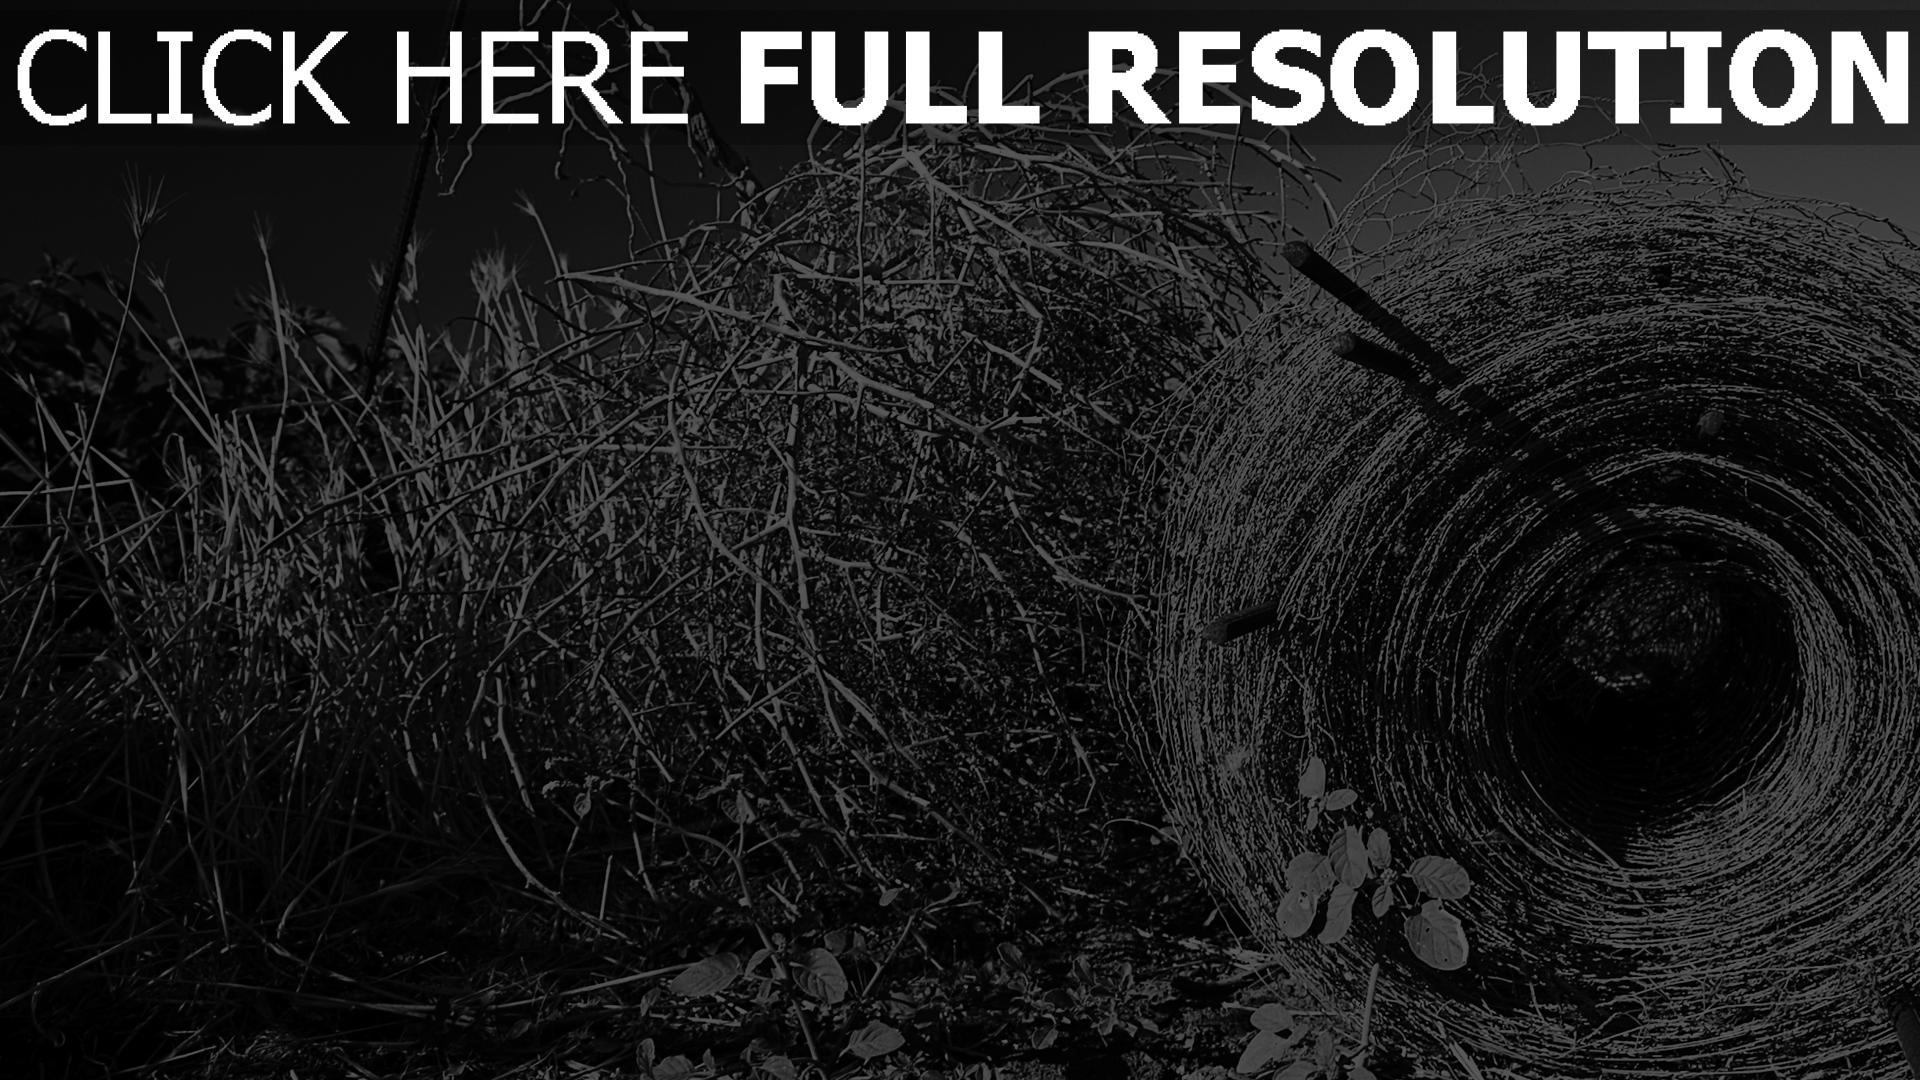 fond d'écran 1920x1080 champ herbe automne noir et blanc